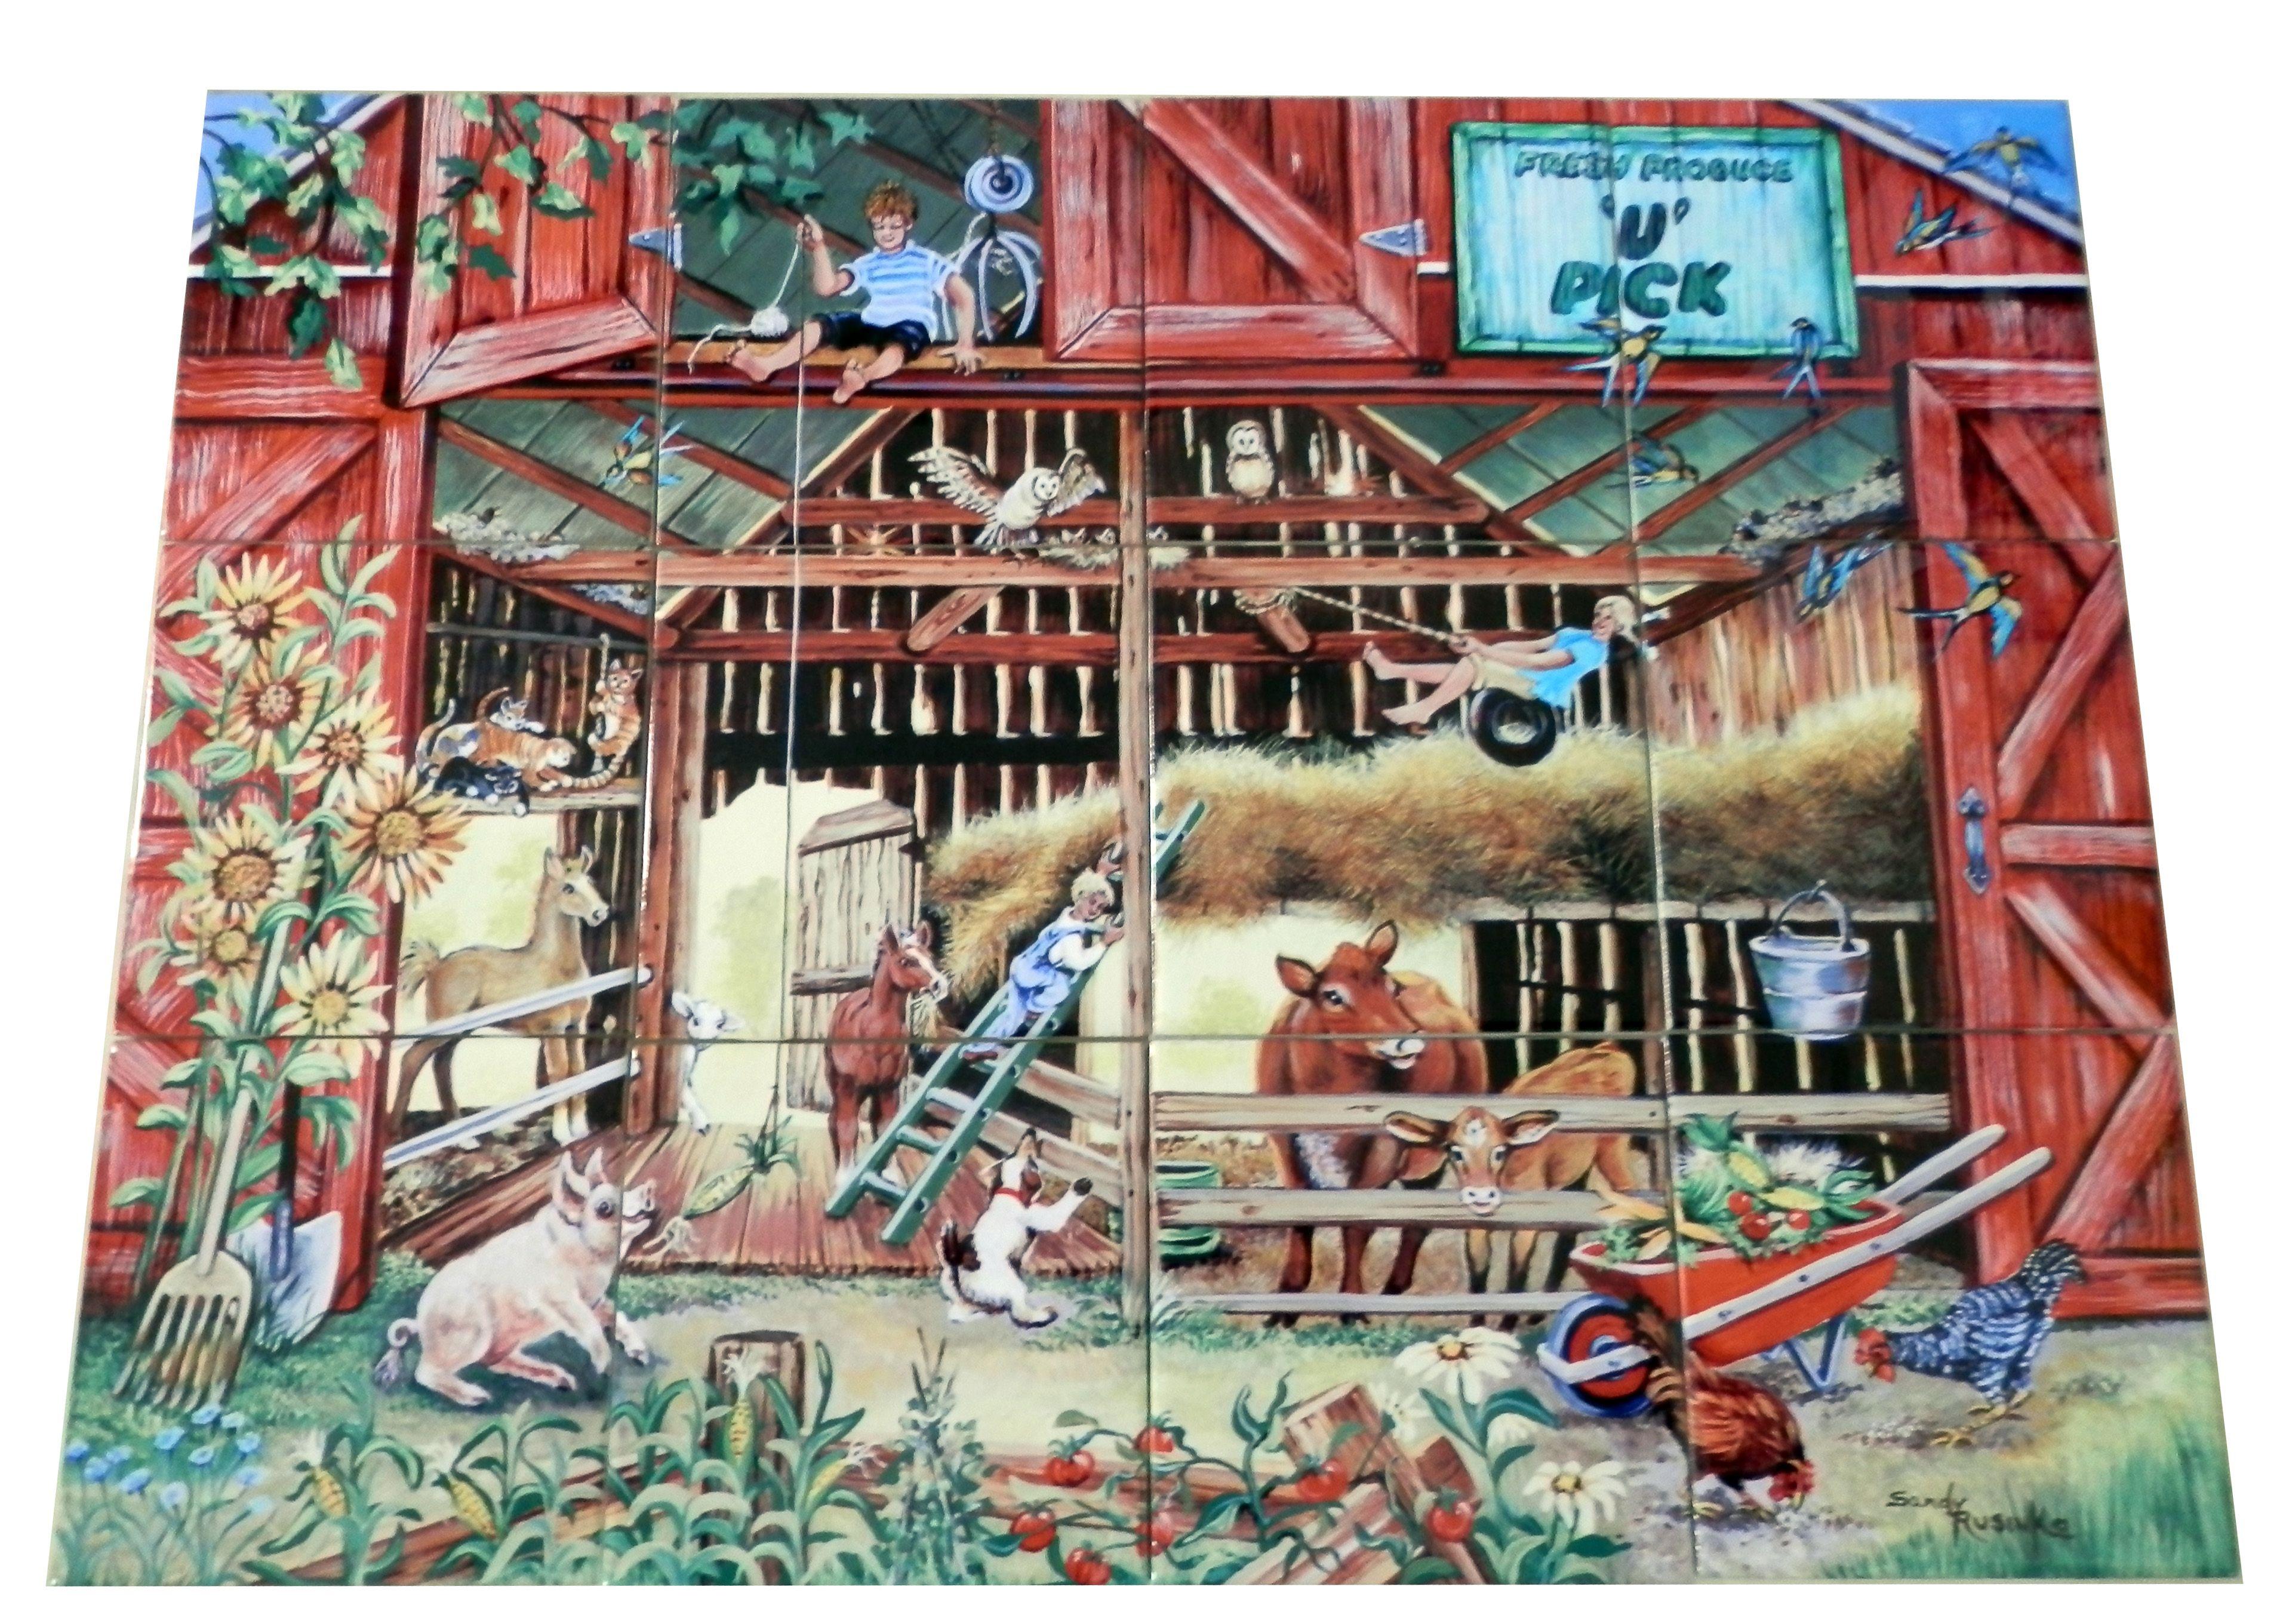 Best Days of SummerSR Tile Mural Farm animal mural